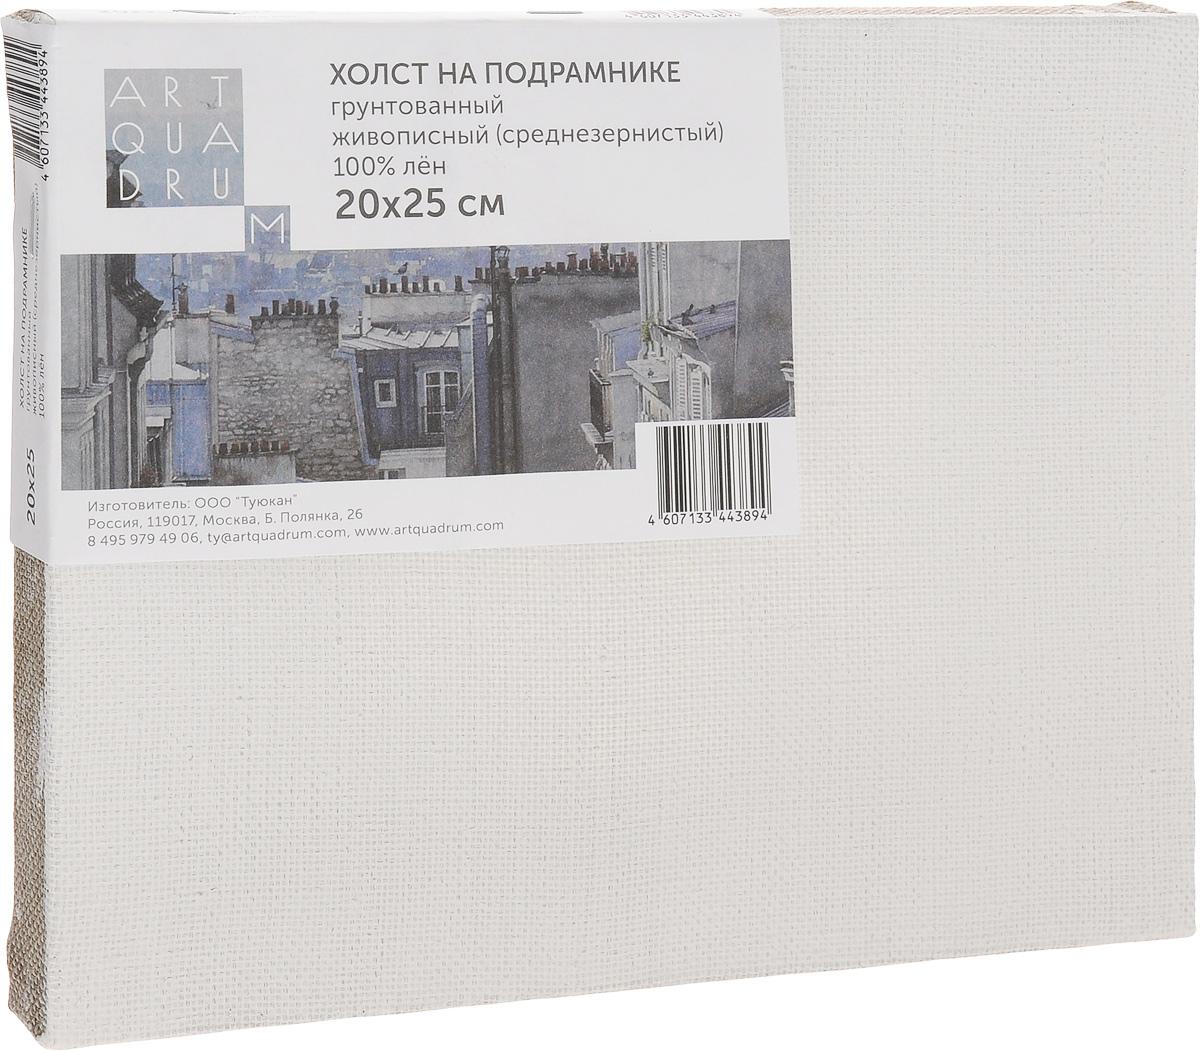 Холст на подрамнике Туюкан Живописный, 20 х 25 смТ0003986Холст для живописи грунтованный на подрамнике. Идеально подходит для работы маслом, акрилом. 100% лен.